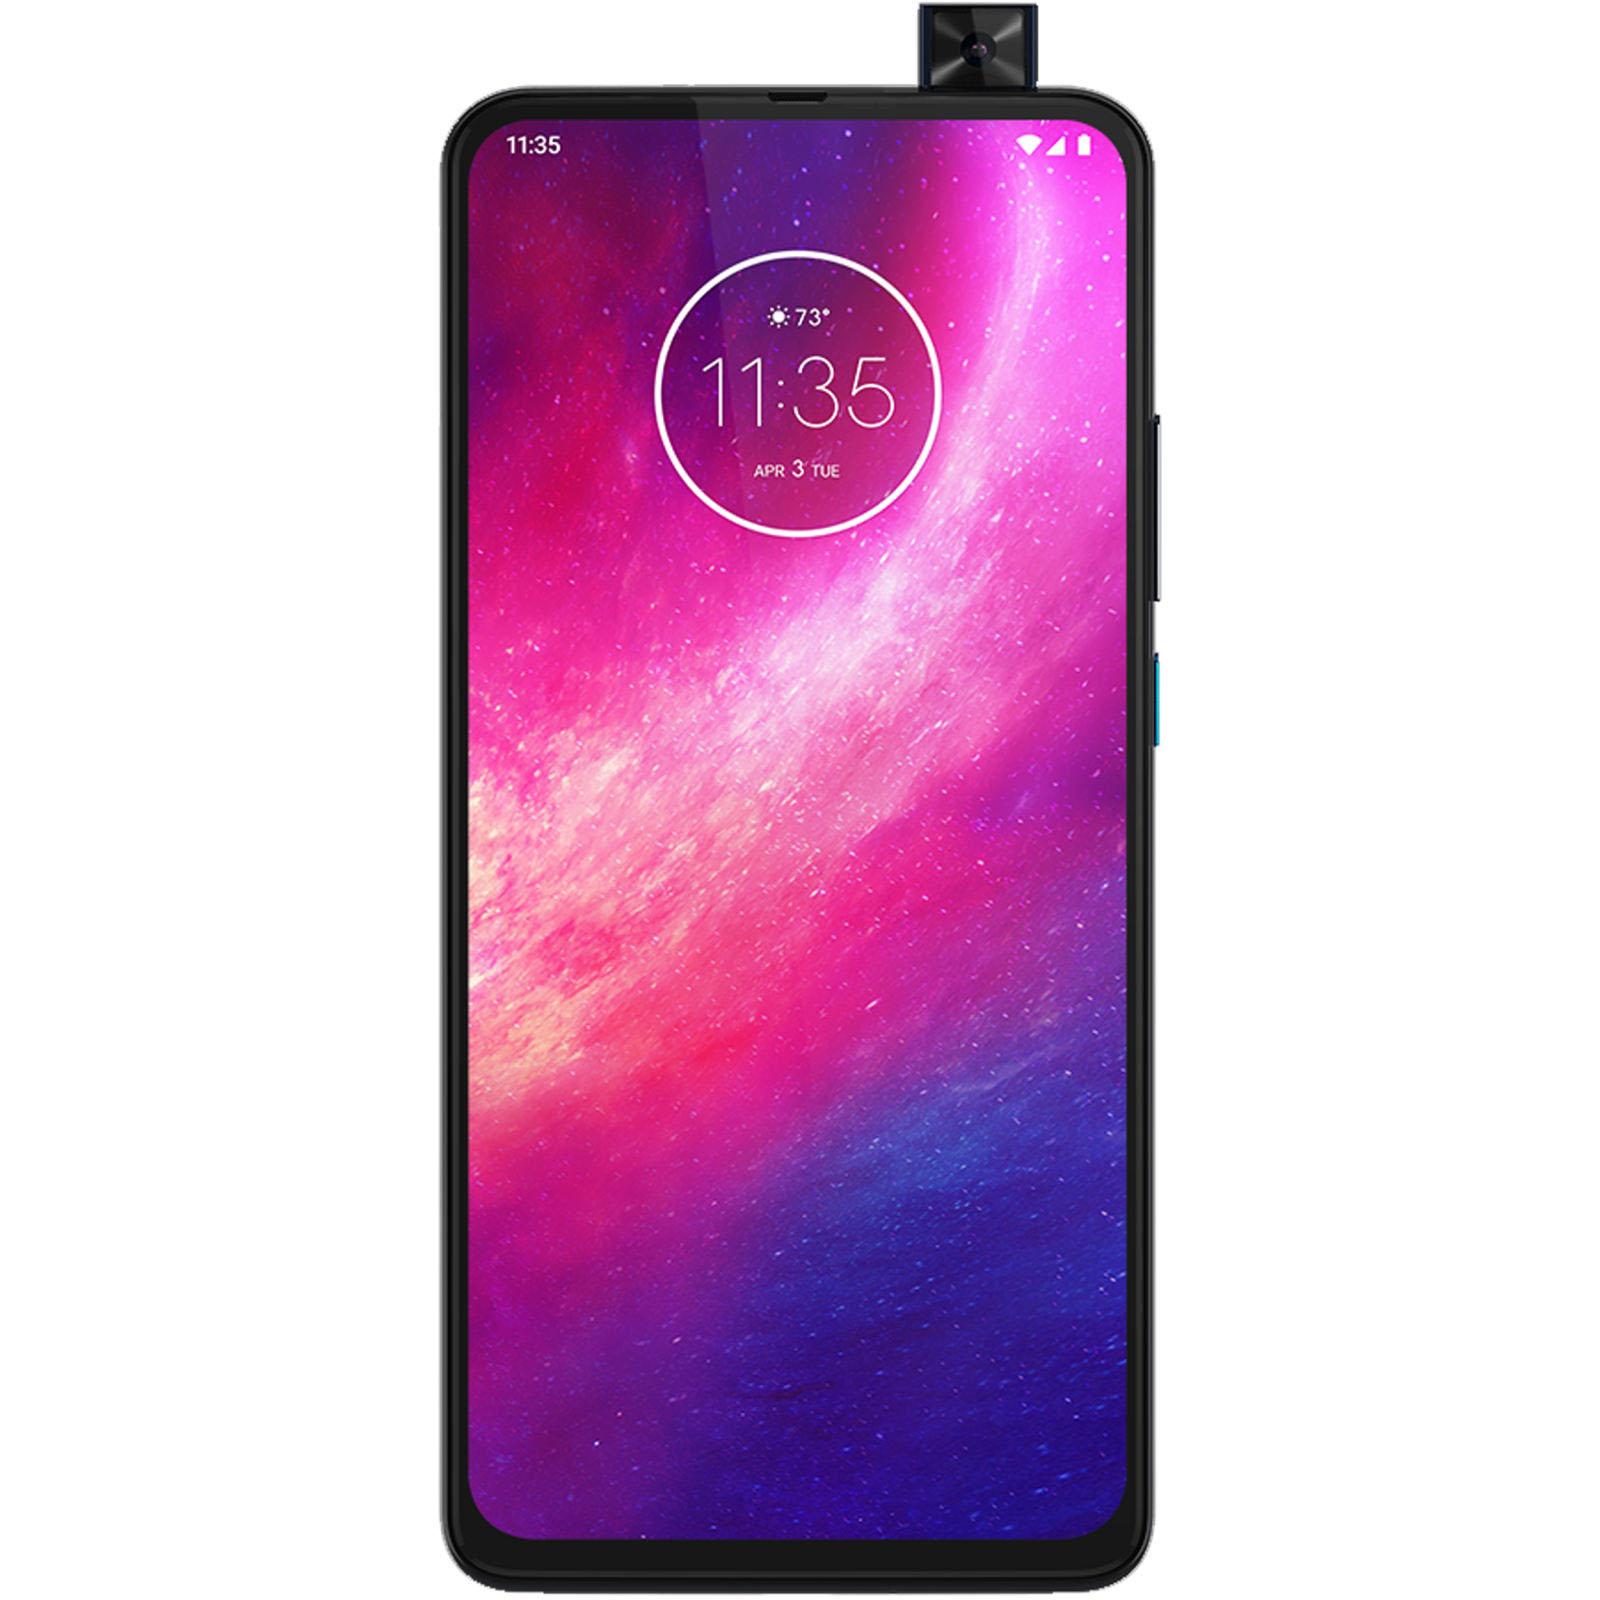 گوشی موبایل موتورولا مدل One Hyper XT2027-3 دو سیم کارت ظرفیت ۱۲۸ گیگابایت